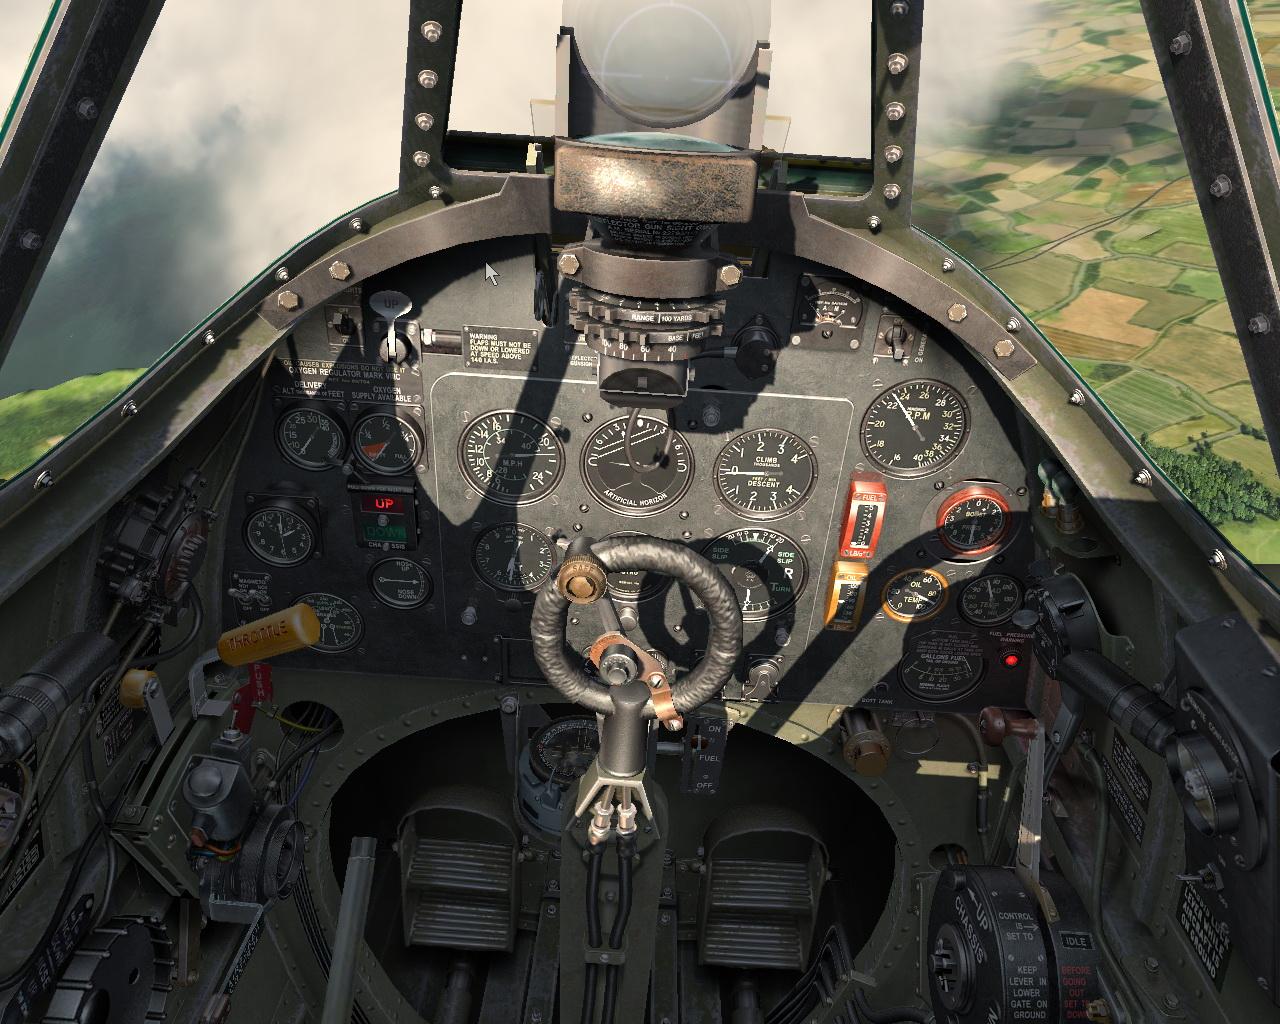 IL-2 Sturmovik: Cliffs of Dover screenshot